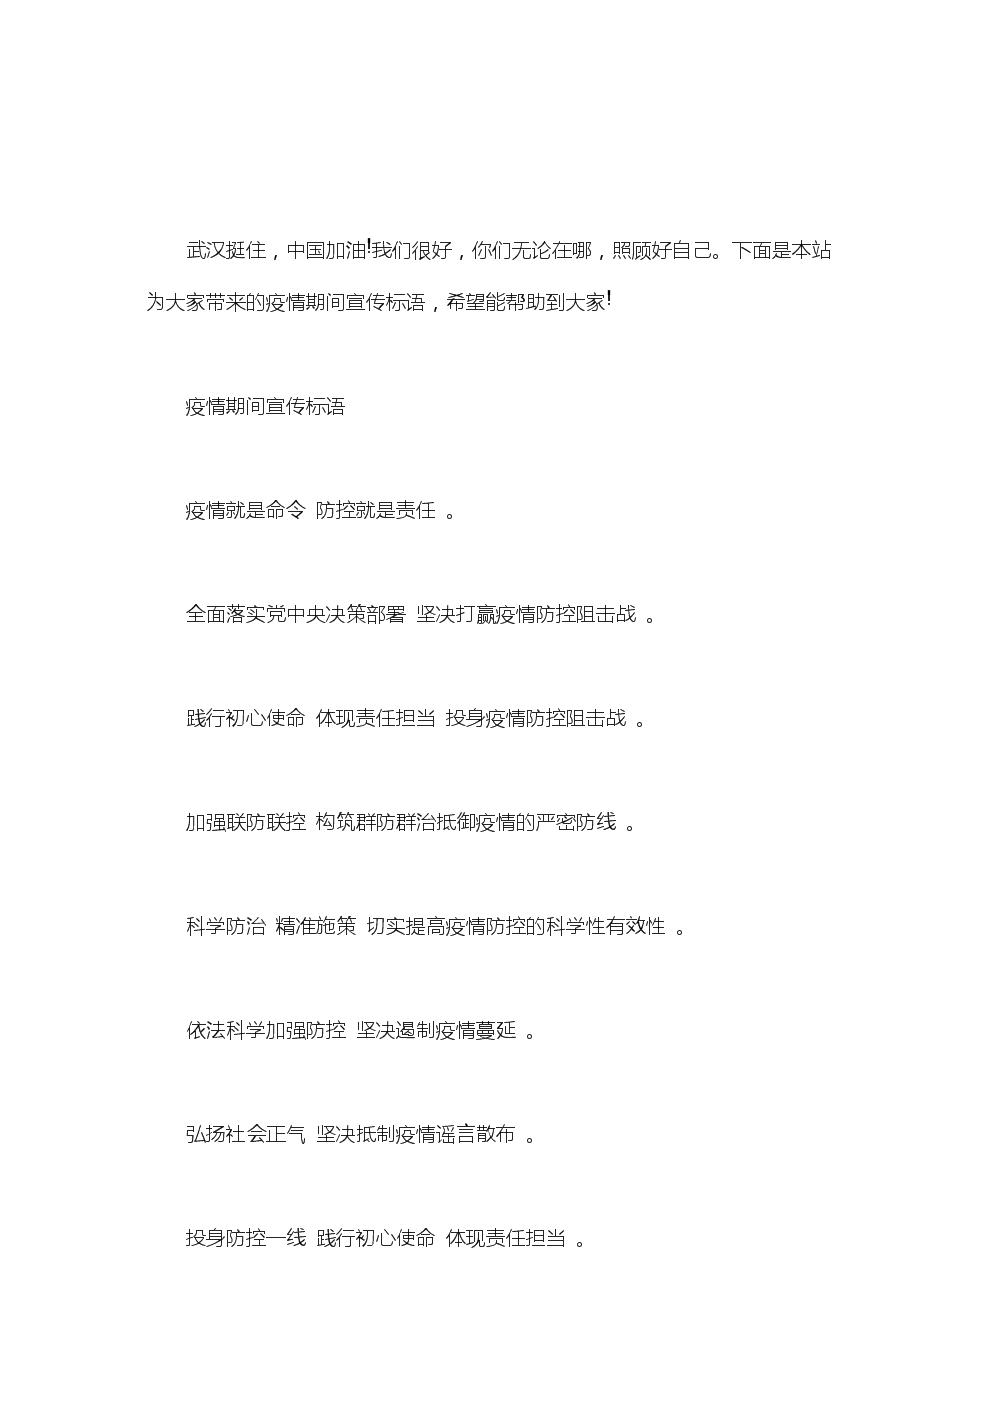 疫情期间宣传标语.doc